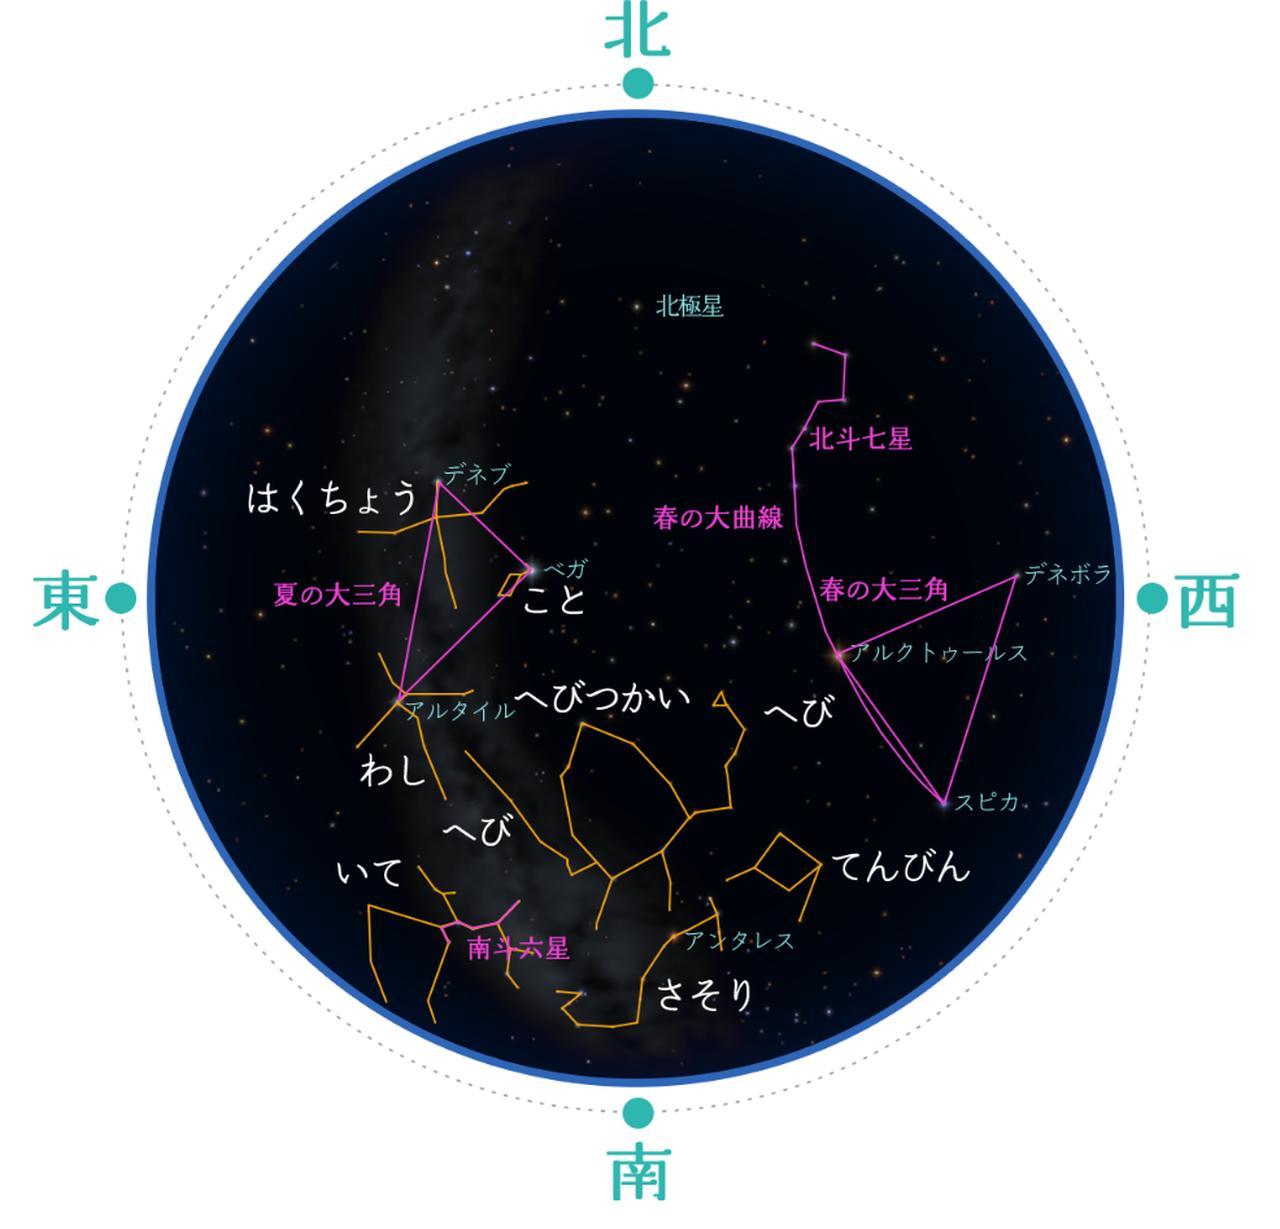 画像: 夏の星空観察ガイド www.honda.co.jp